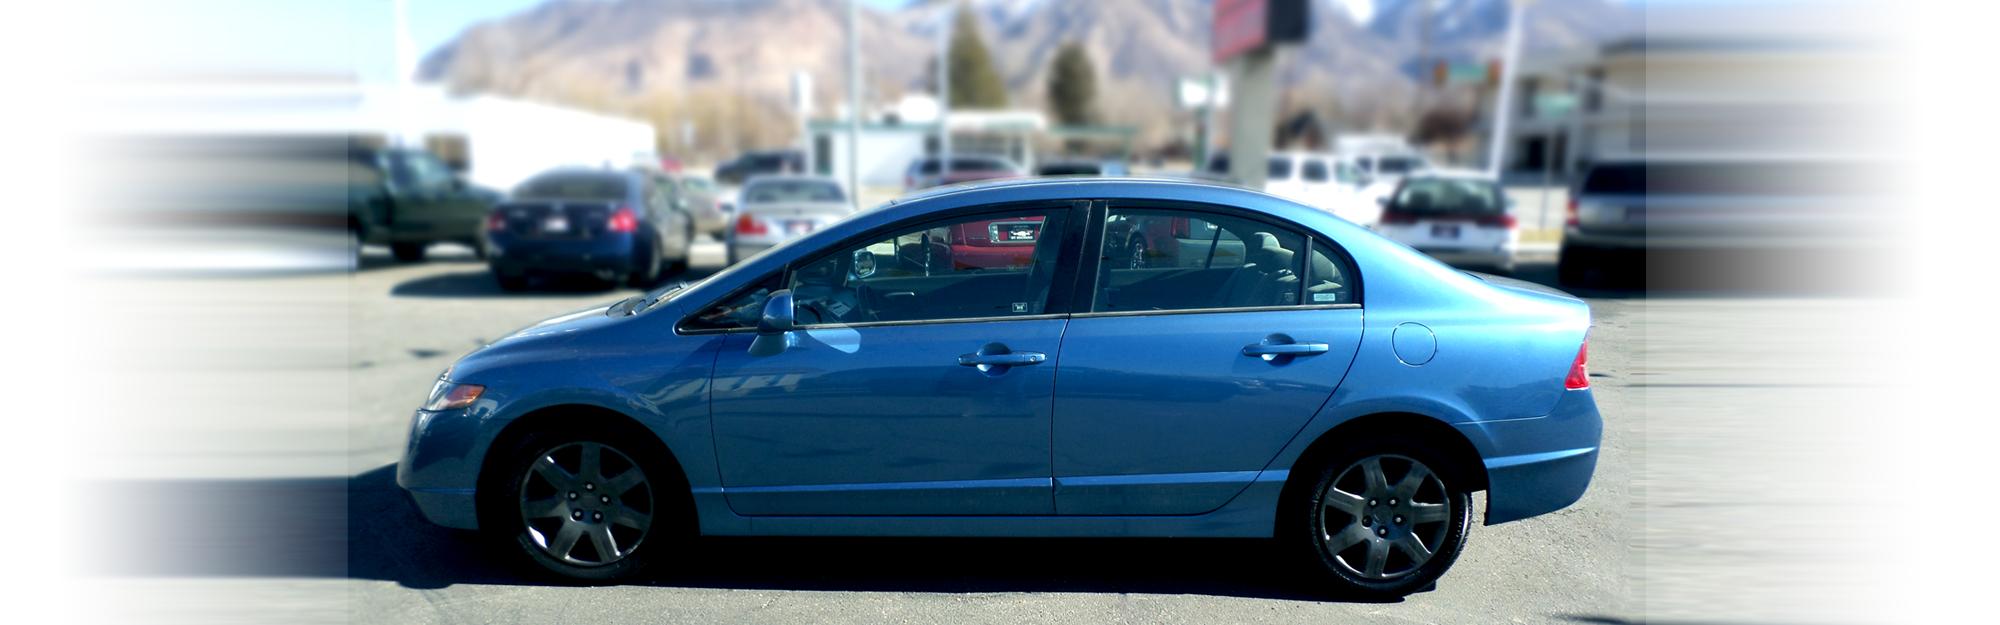 bluecar